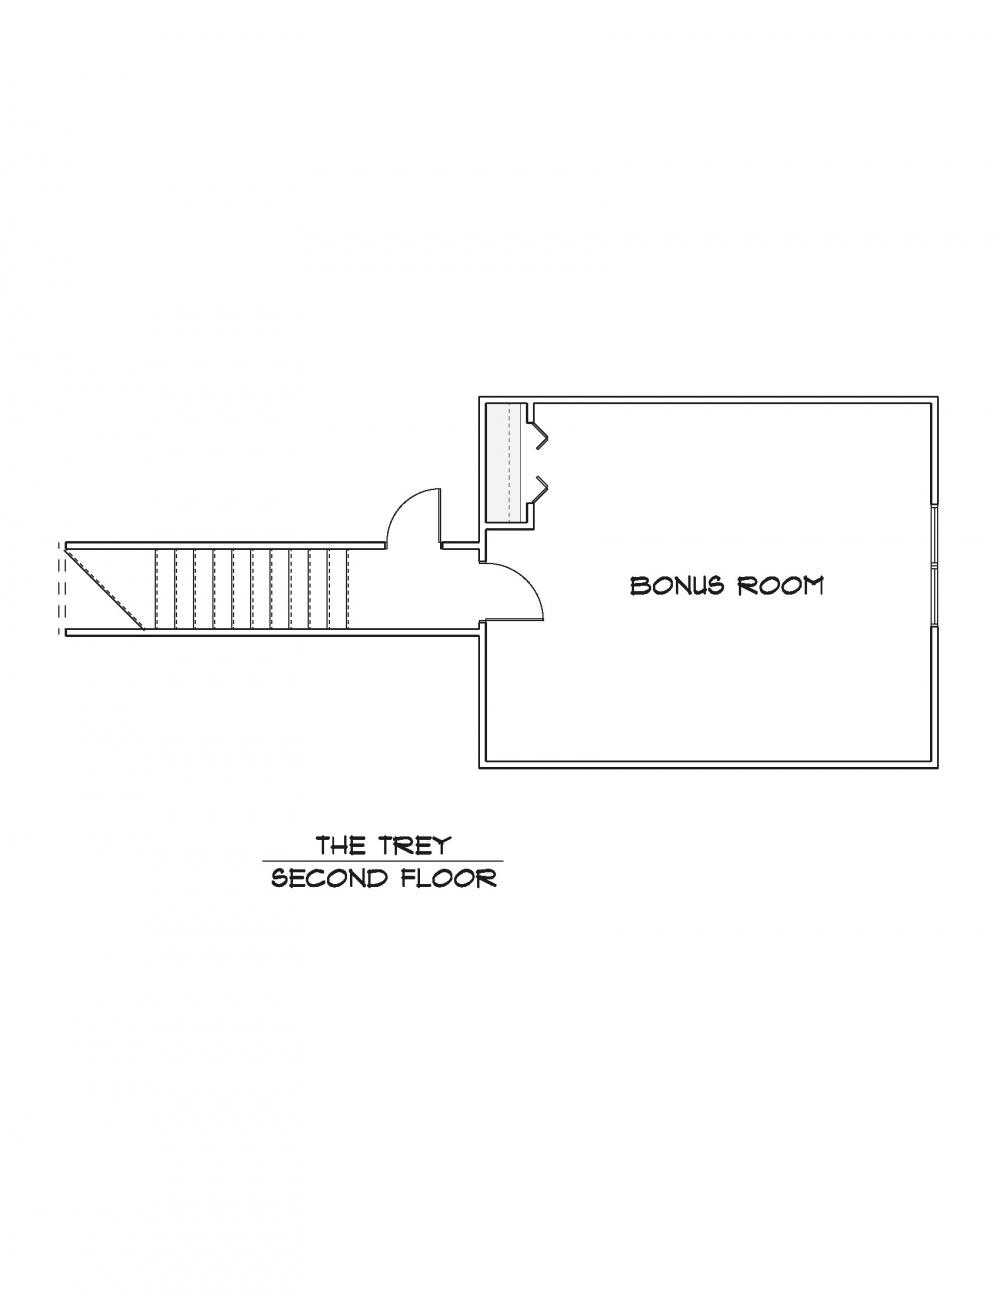 THE TREY SECOND FLOOR